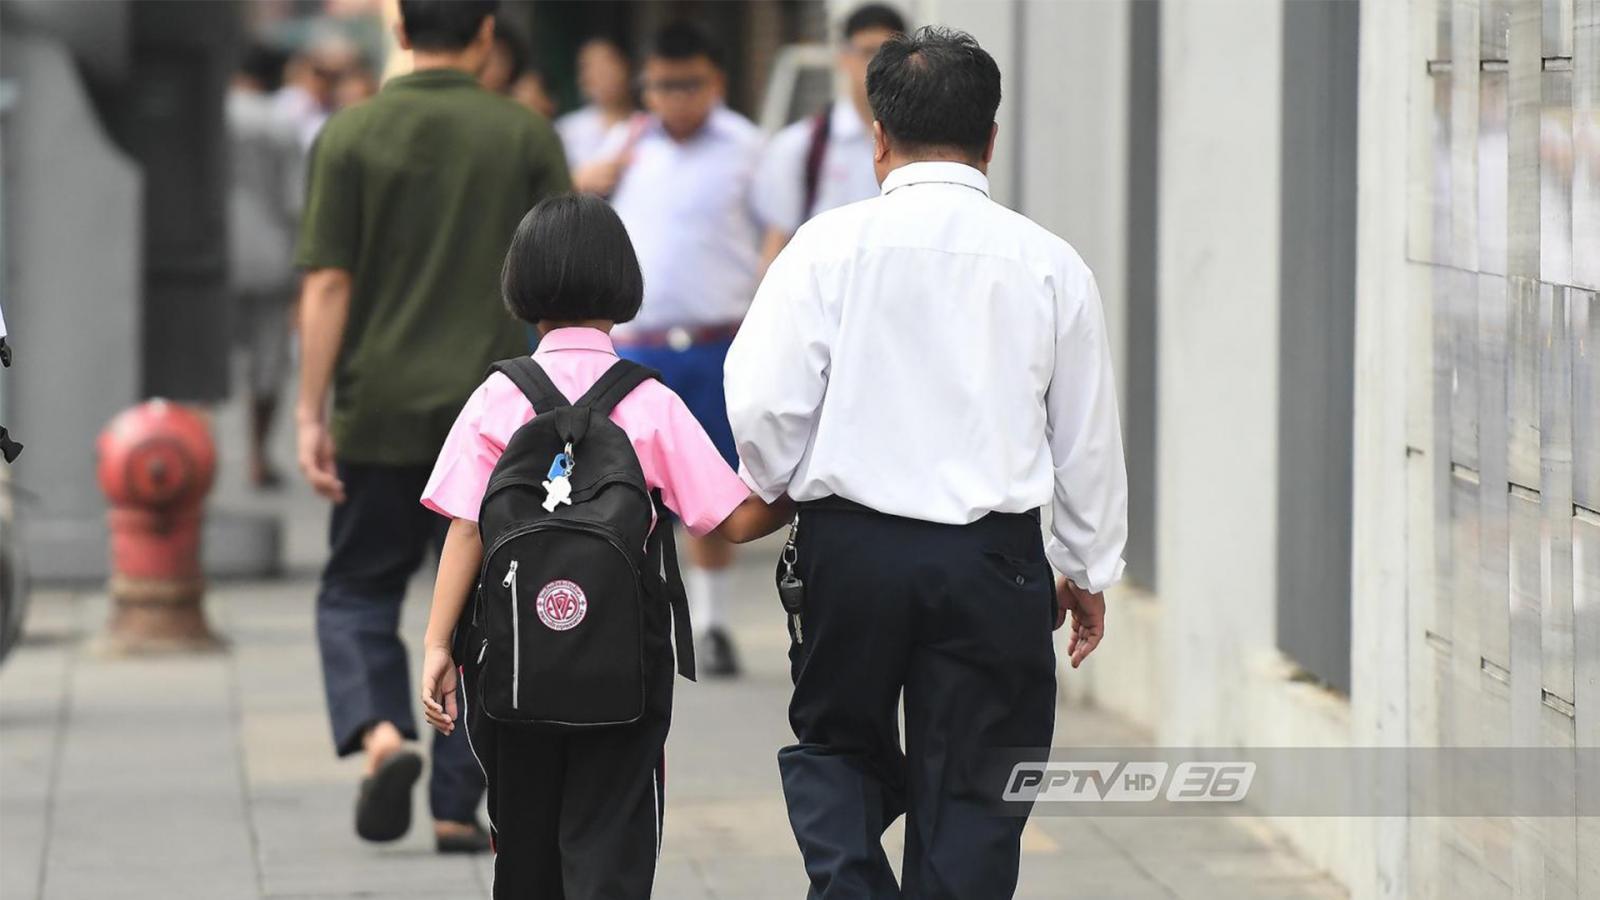 สพฐ. เตรียมร่อนหนังสือ สั่งกำชับ ไม่ให้กระเป๋านักเรียนหนักเกิน 10-20% ของน้ำหนักตัว